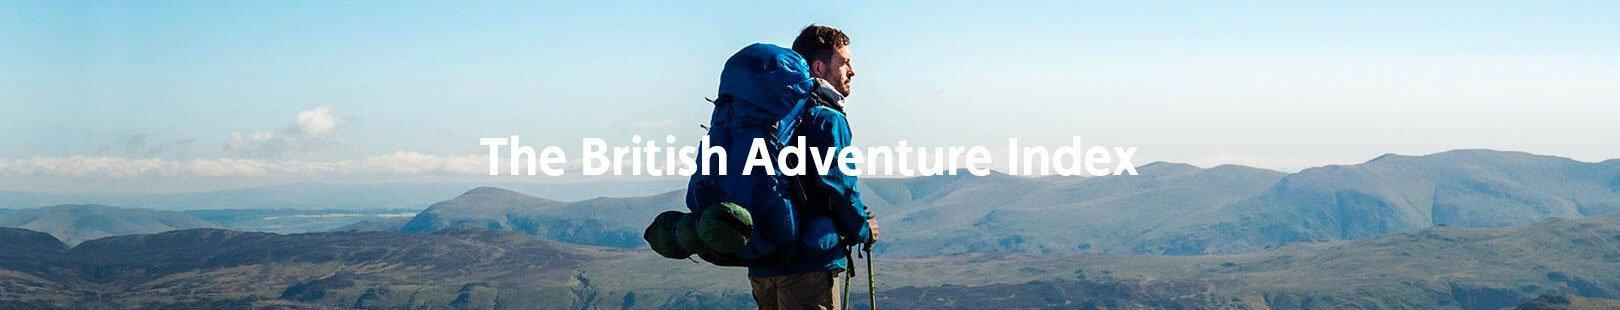 The British Adventure Index